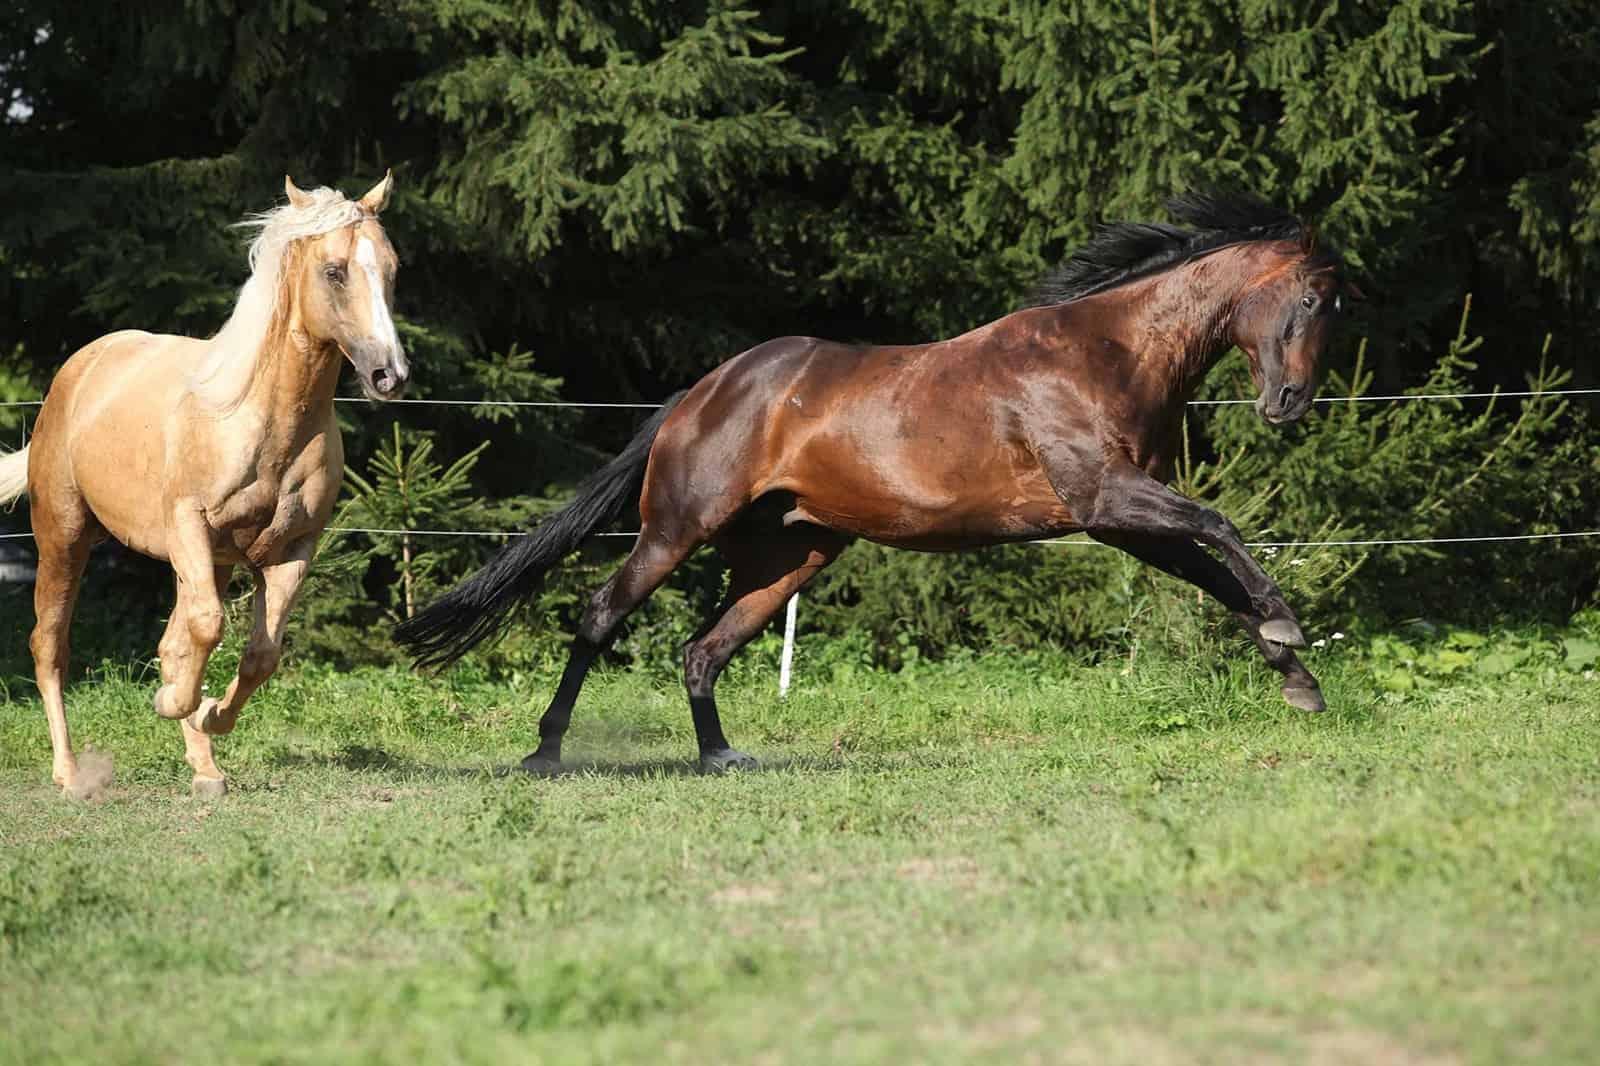 feeding hot horses